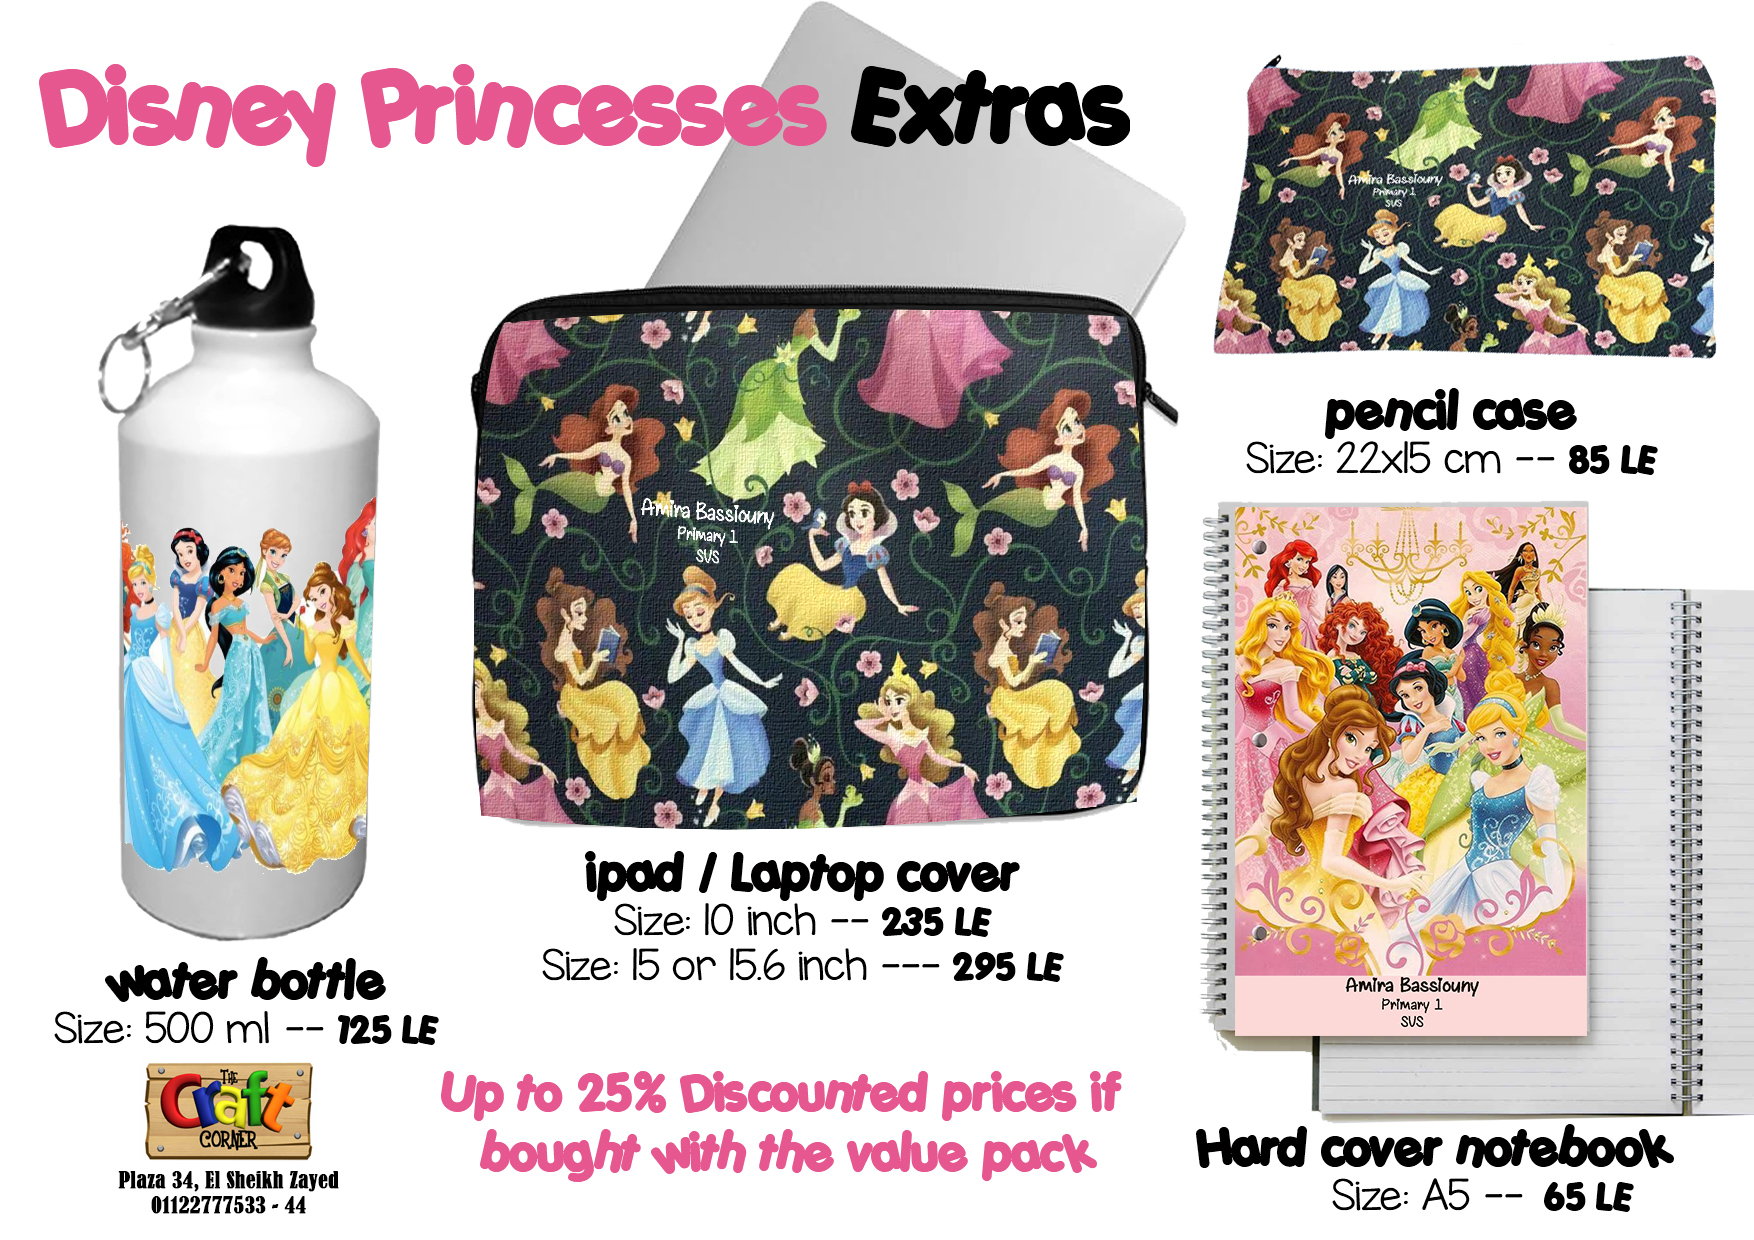 Disney princesses Extras